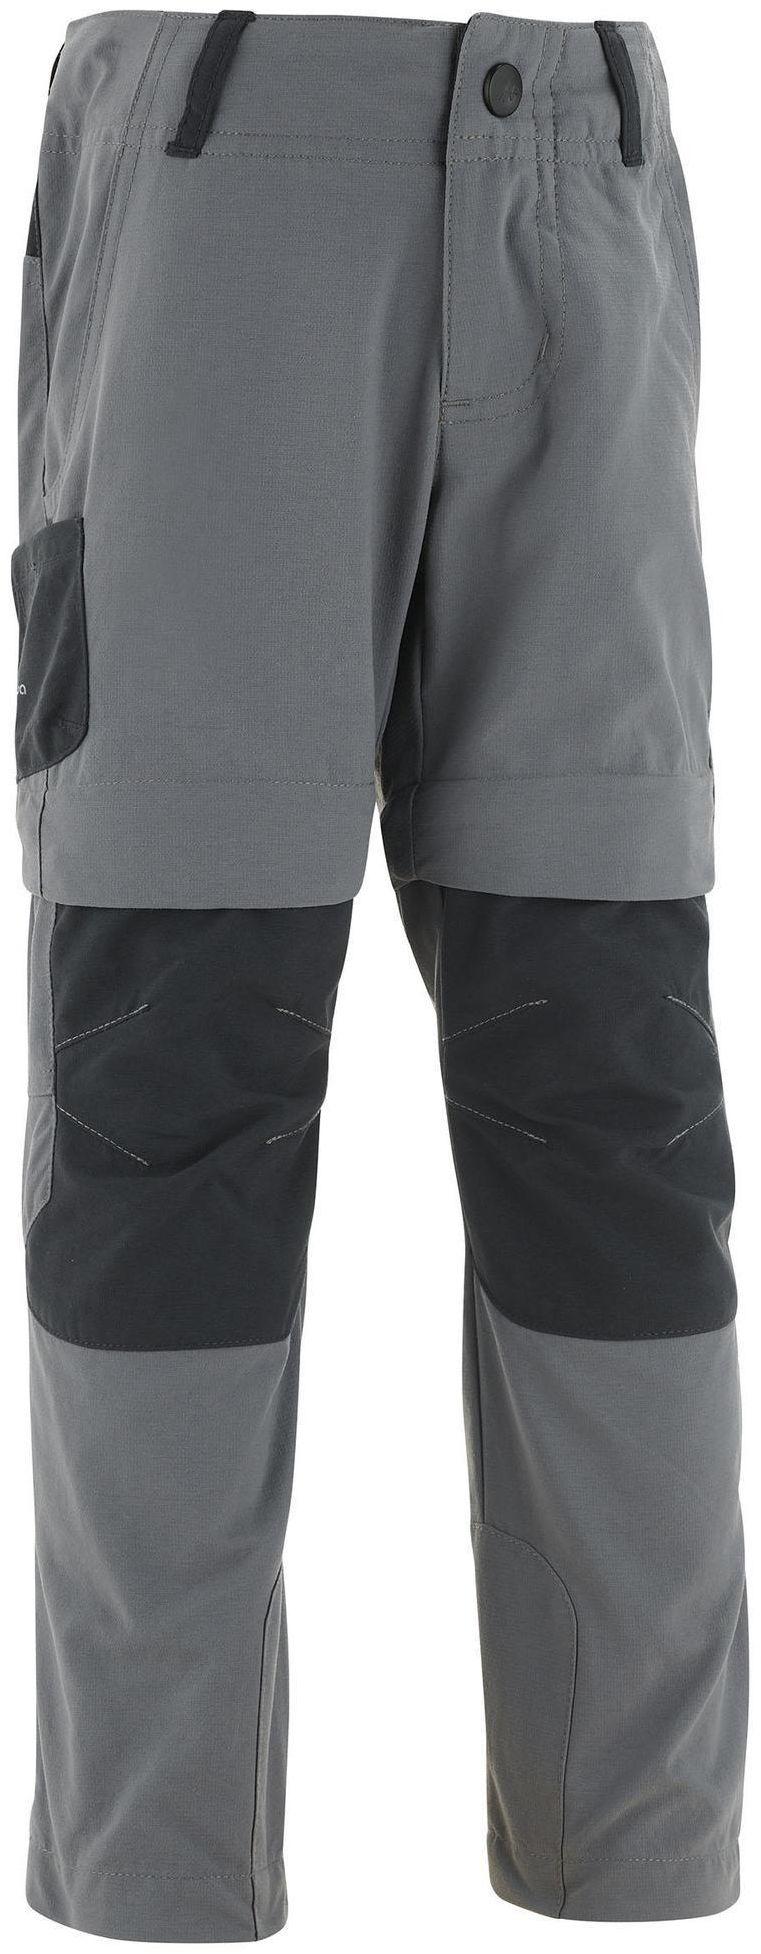 Spodnie turystyczne dla dzieci Quechua MH500 2w1 2-6 lat